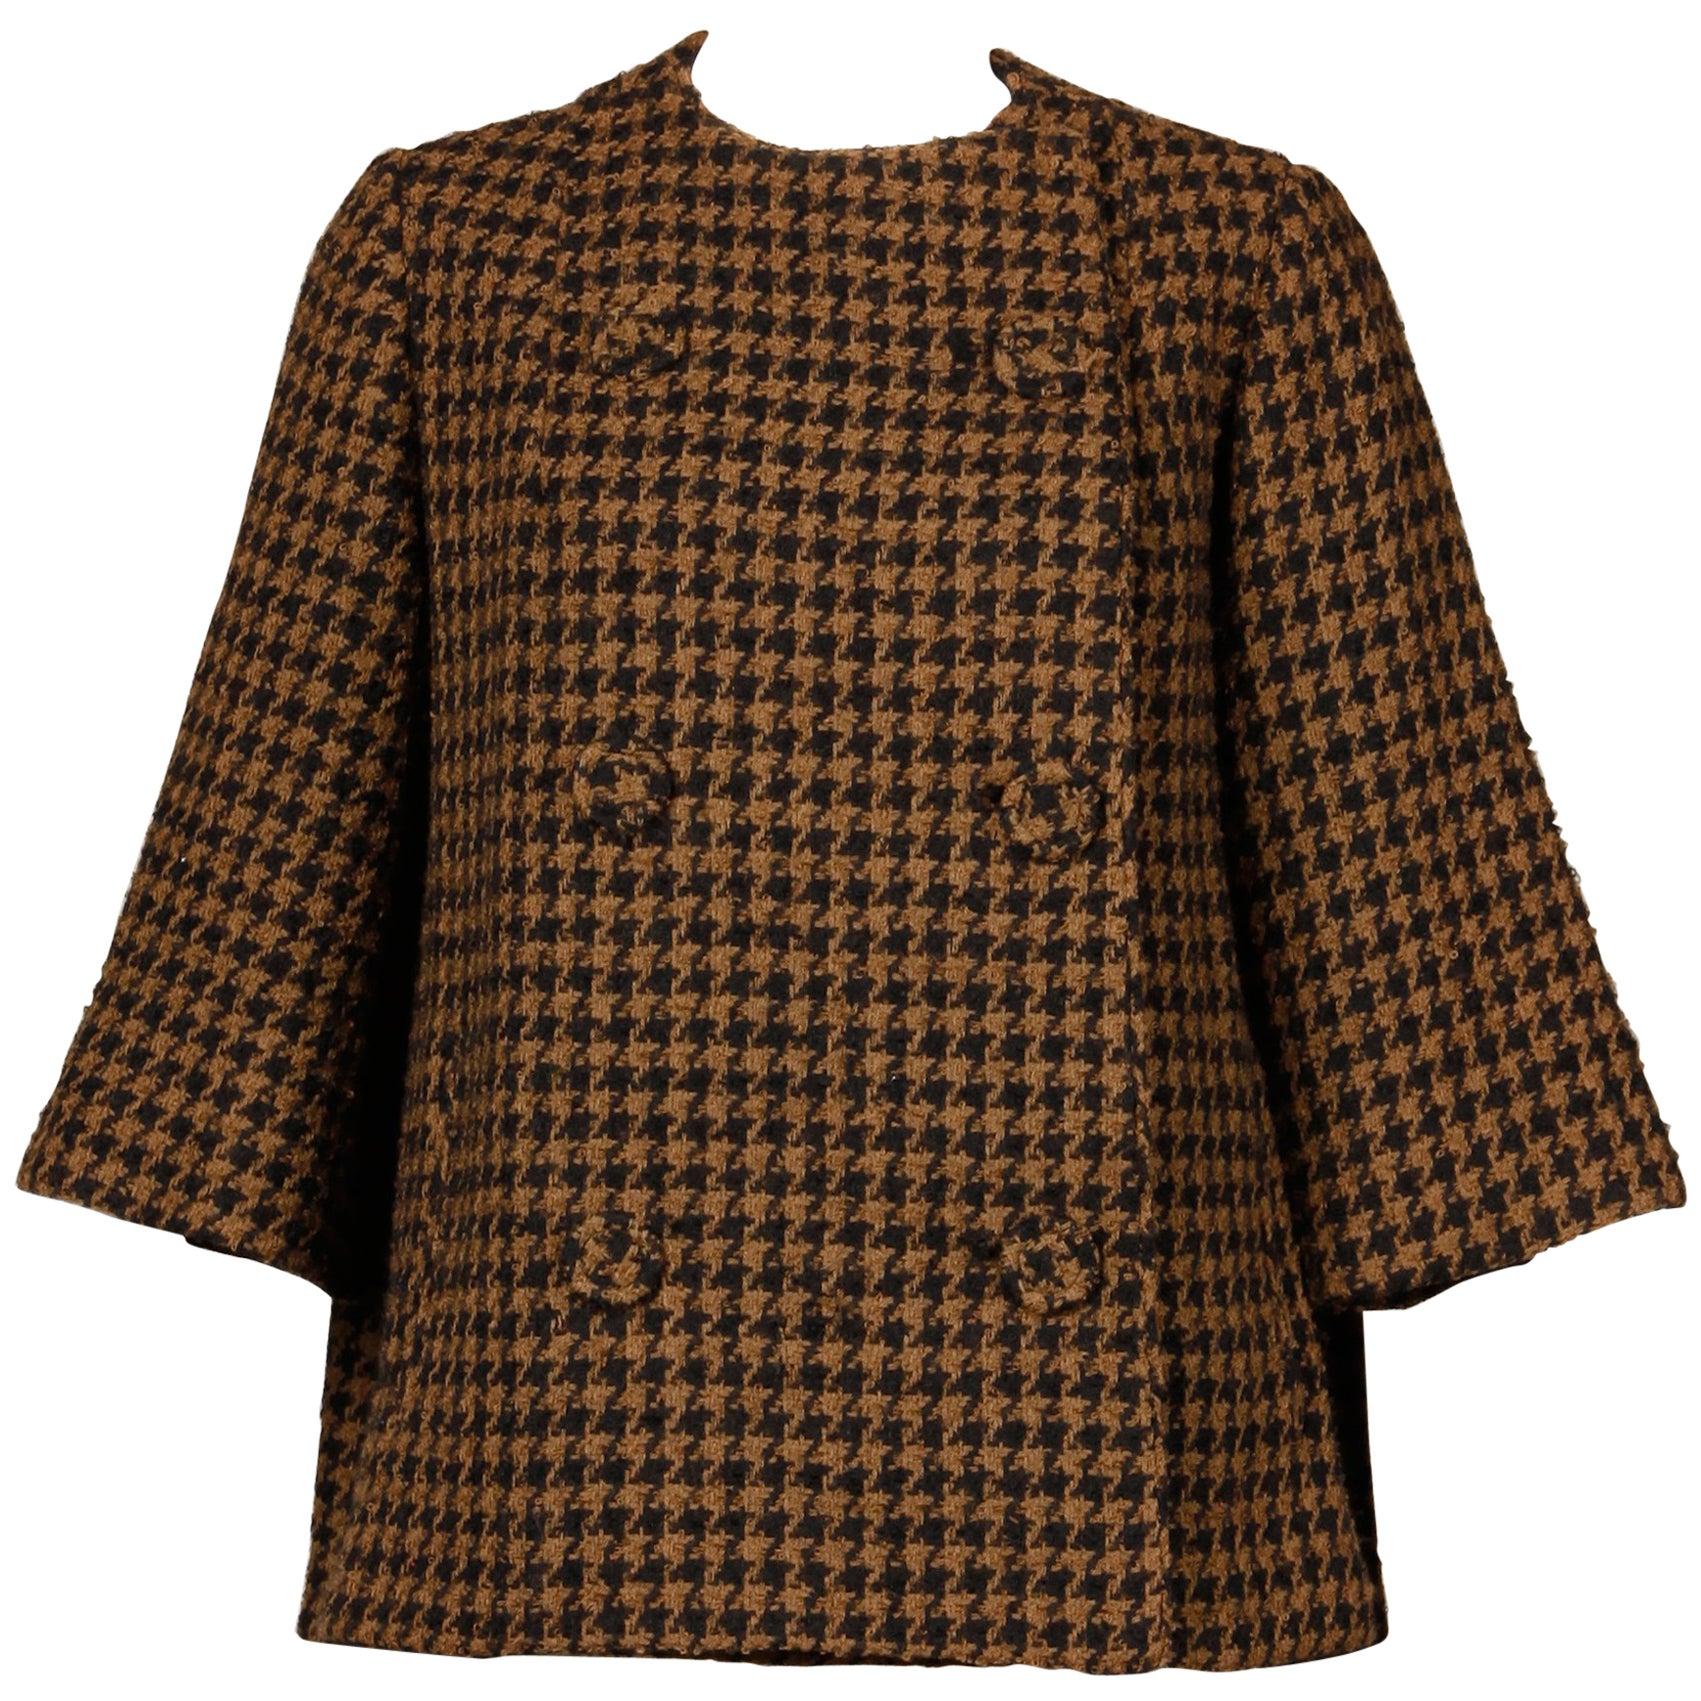 1960s Mr. Blackwell Custom Vintage Black + Brown Houndstooth Wool Jacket or Coat